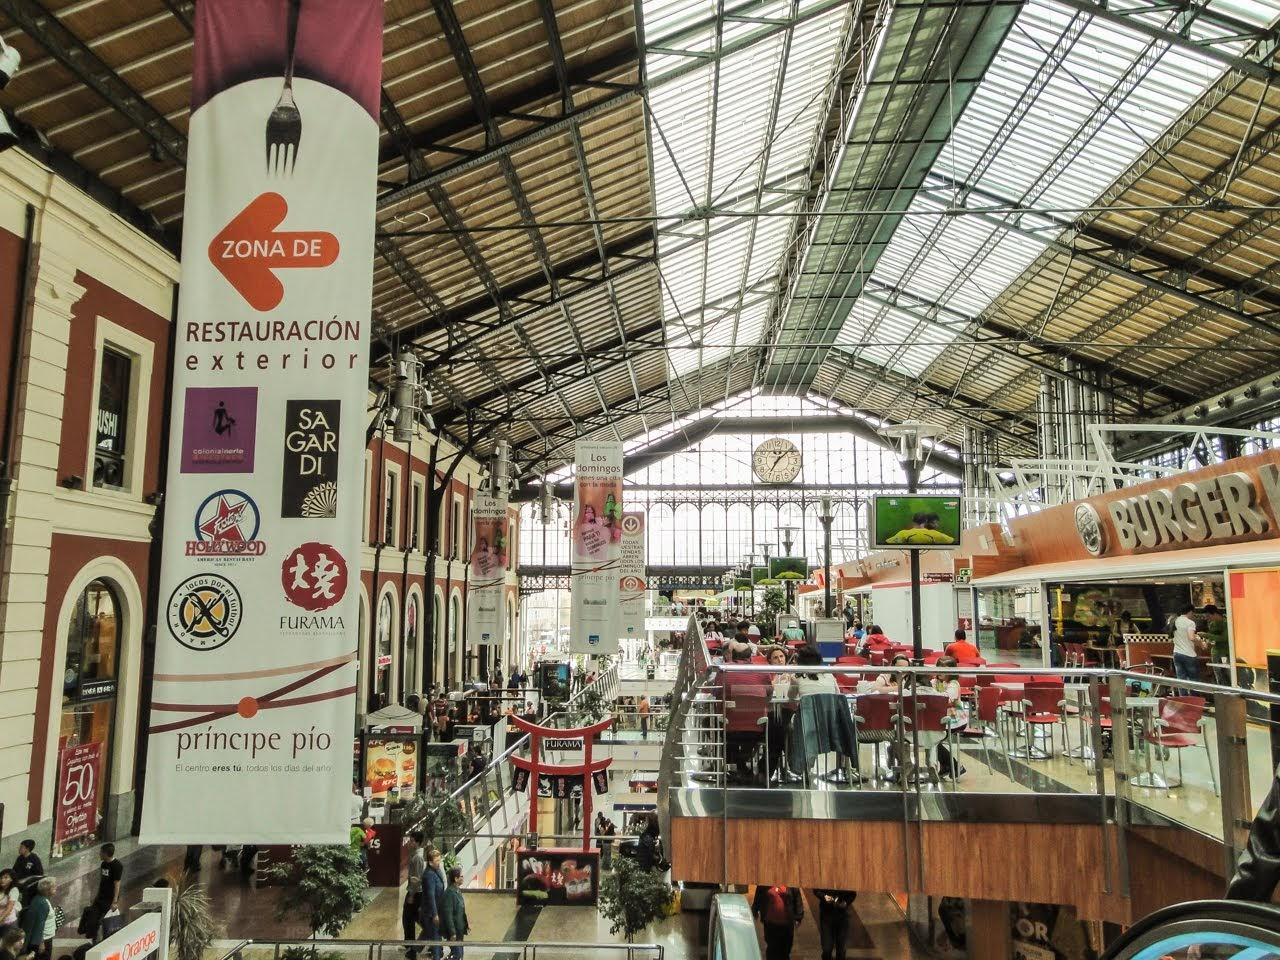 A shopping mall within Príncipe Pío area of Malasaña